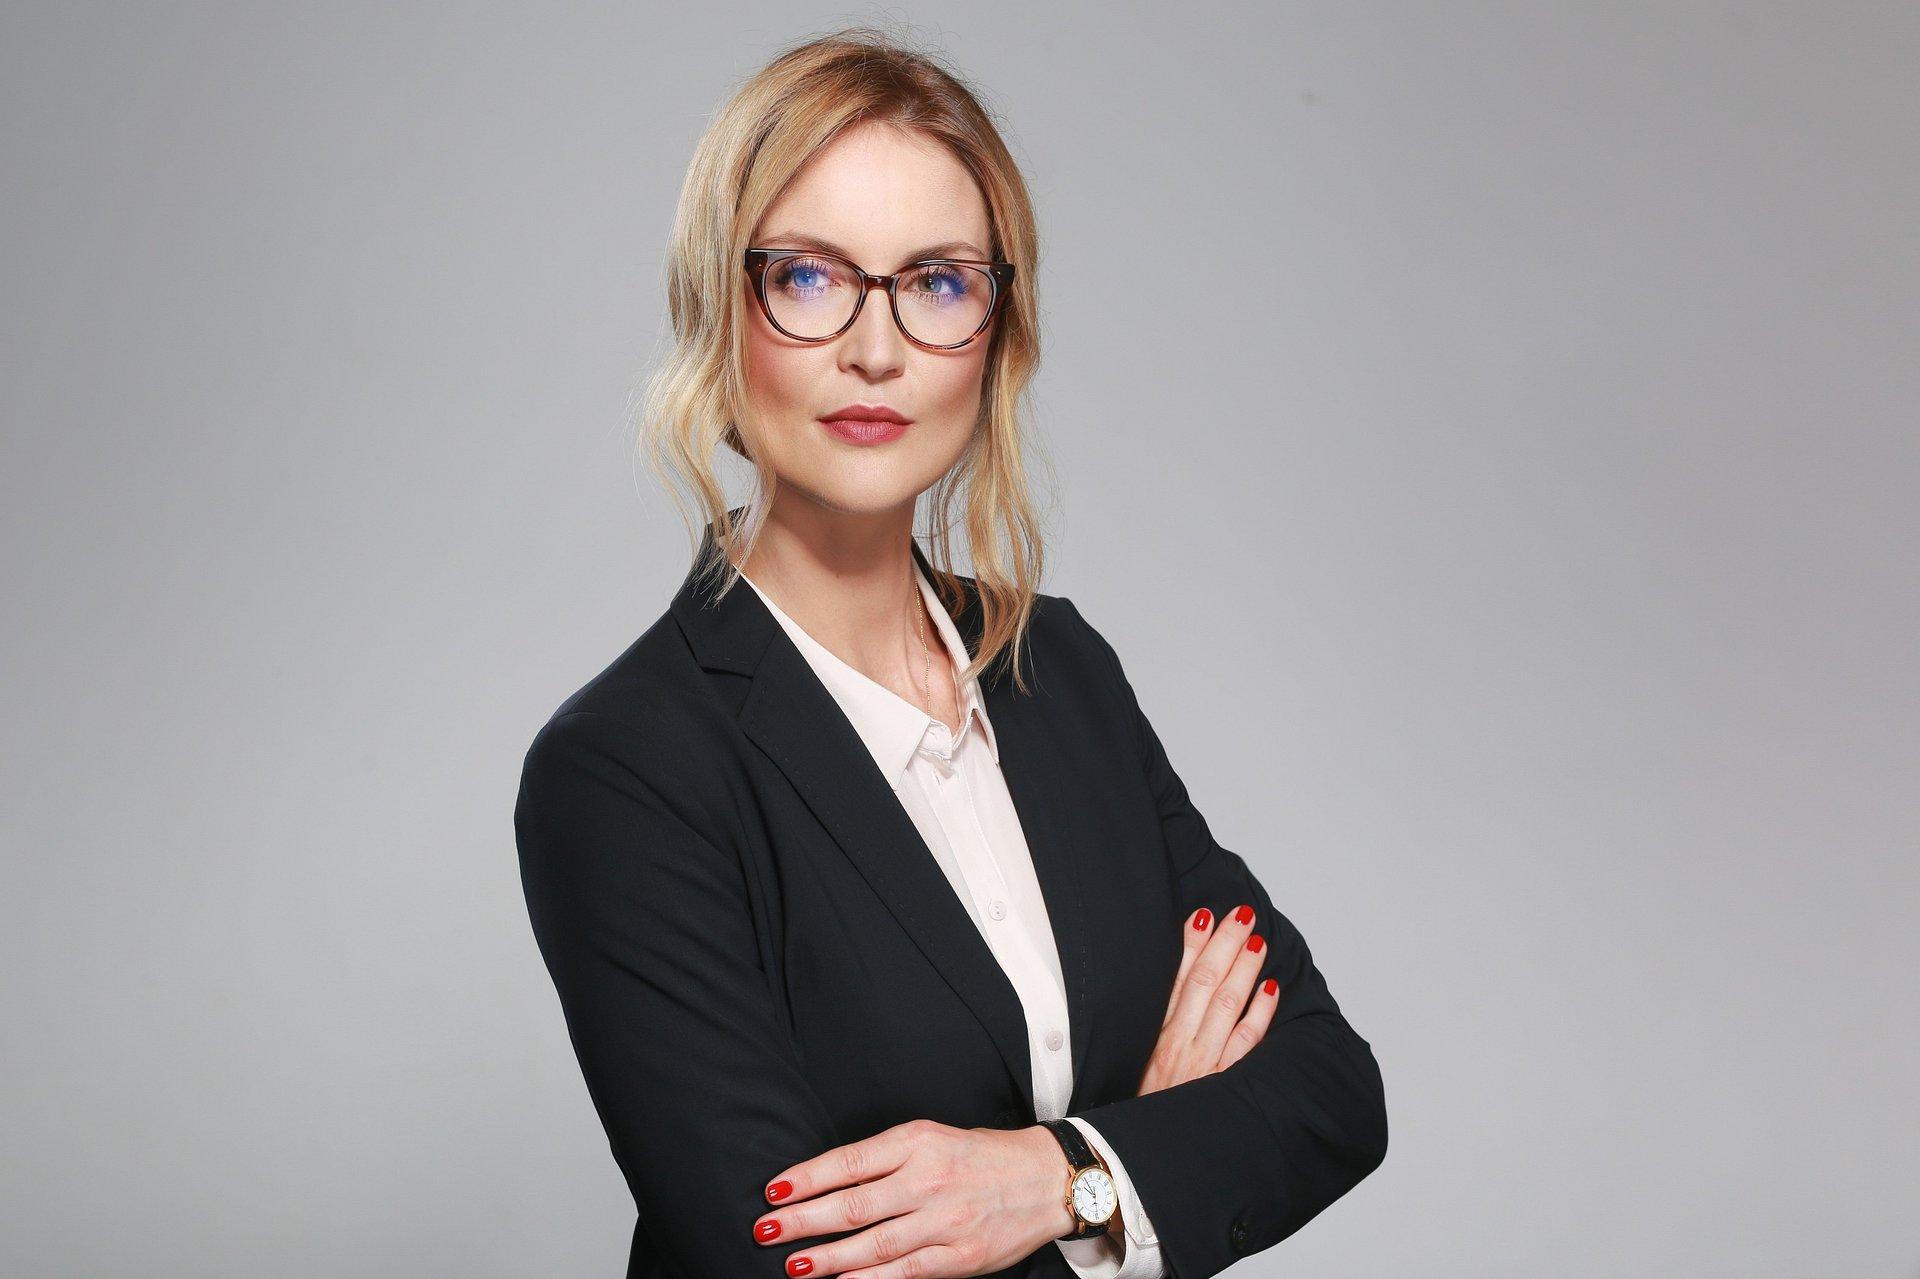 Natalia Bogdan z agencji pośrednictwa pracy Jobhouse. (fot. Jobhouse)